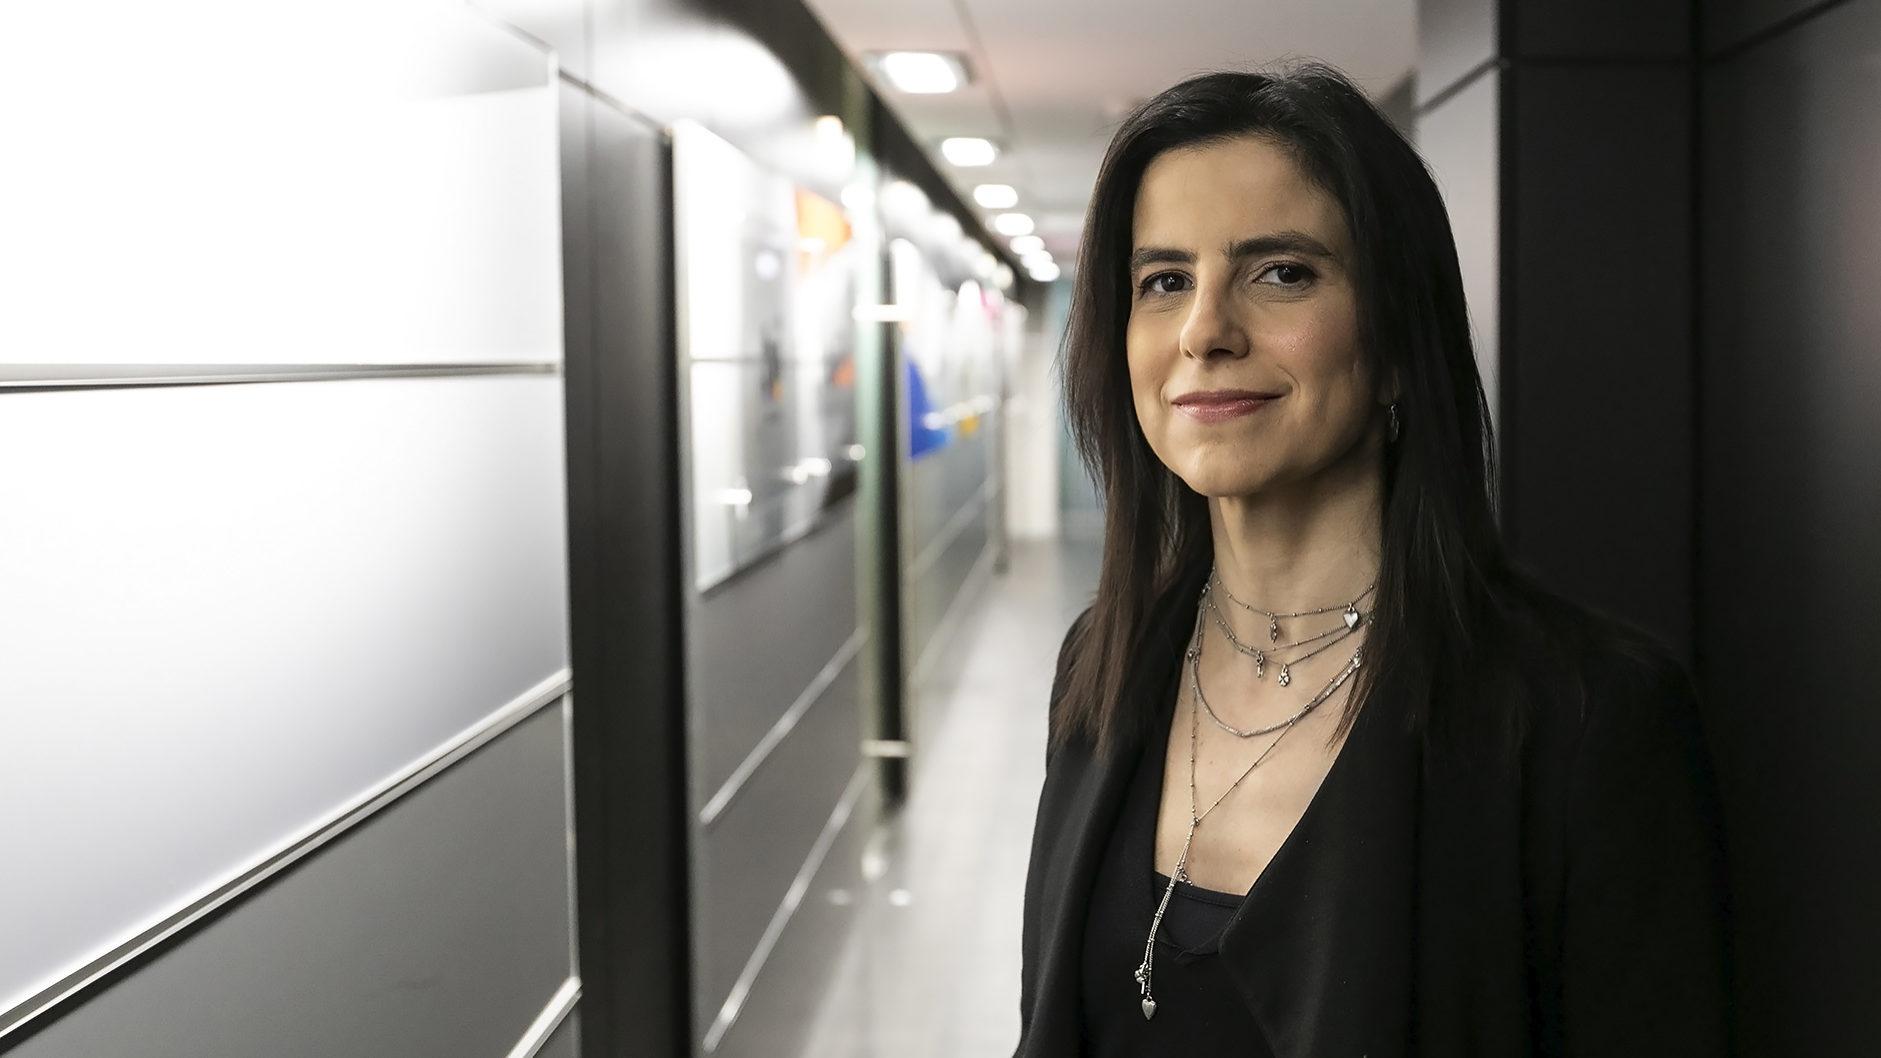 Madalena Tomé, CEO da SIBS, em entrevista ao ECO24 - 06MAR19